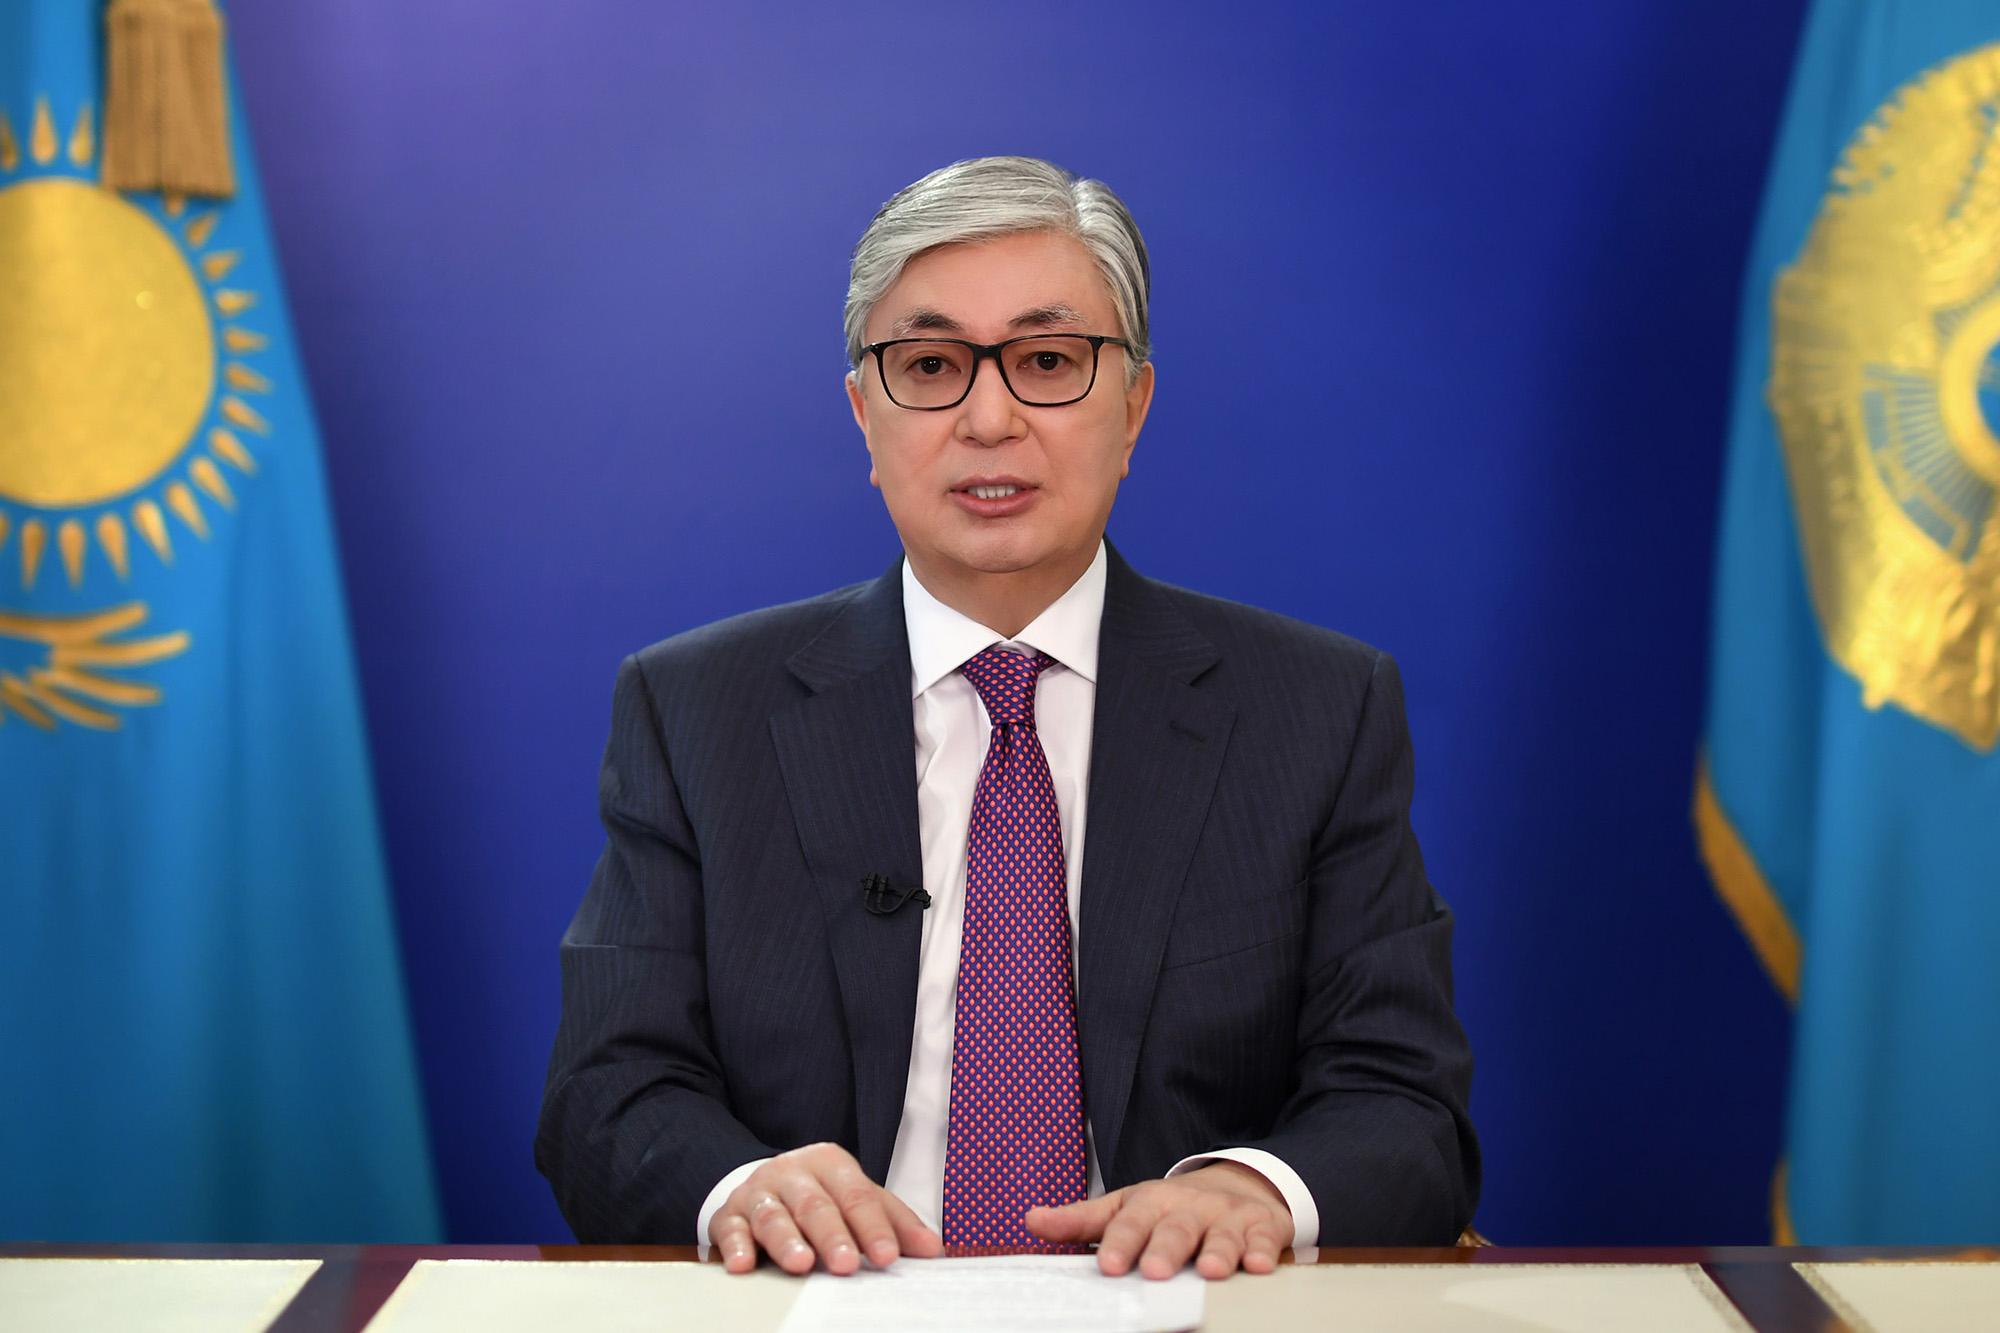 Касым-Жомарт Токаев поручил генпрокурору освободить невиновных граждан, случайно оказавшихся на митингах